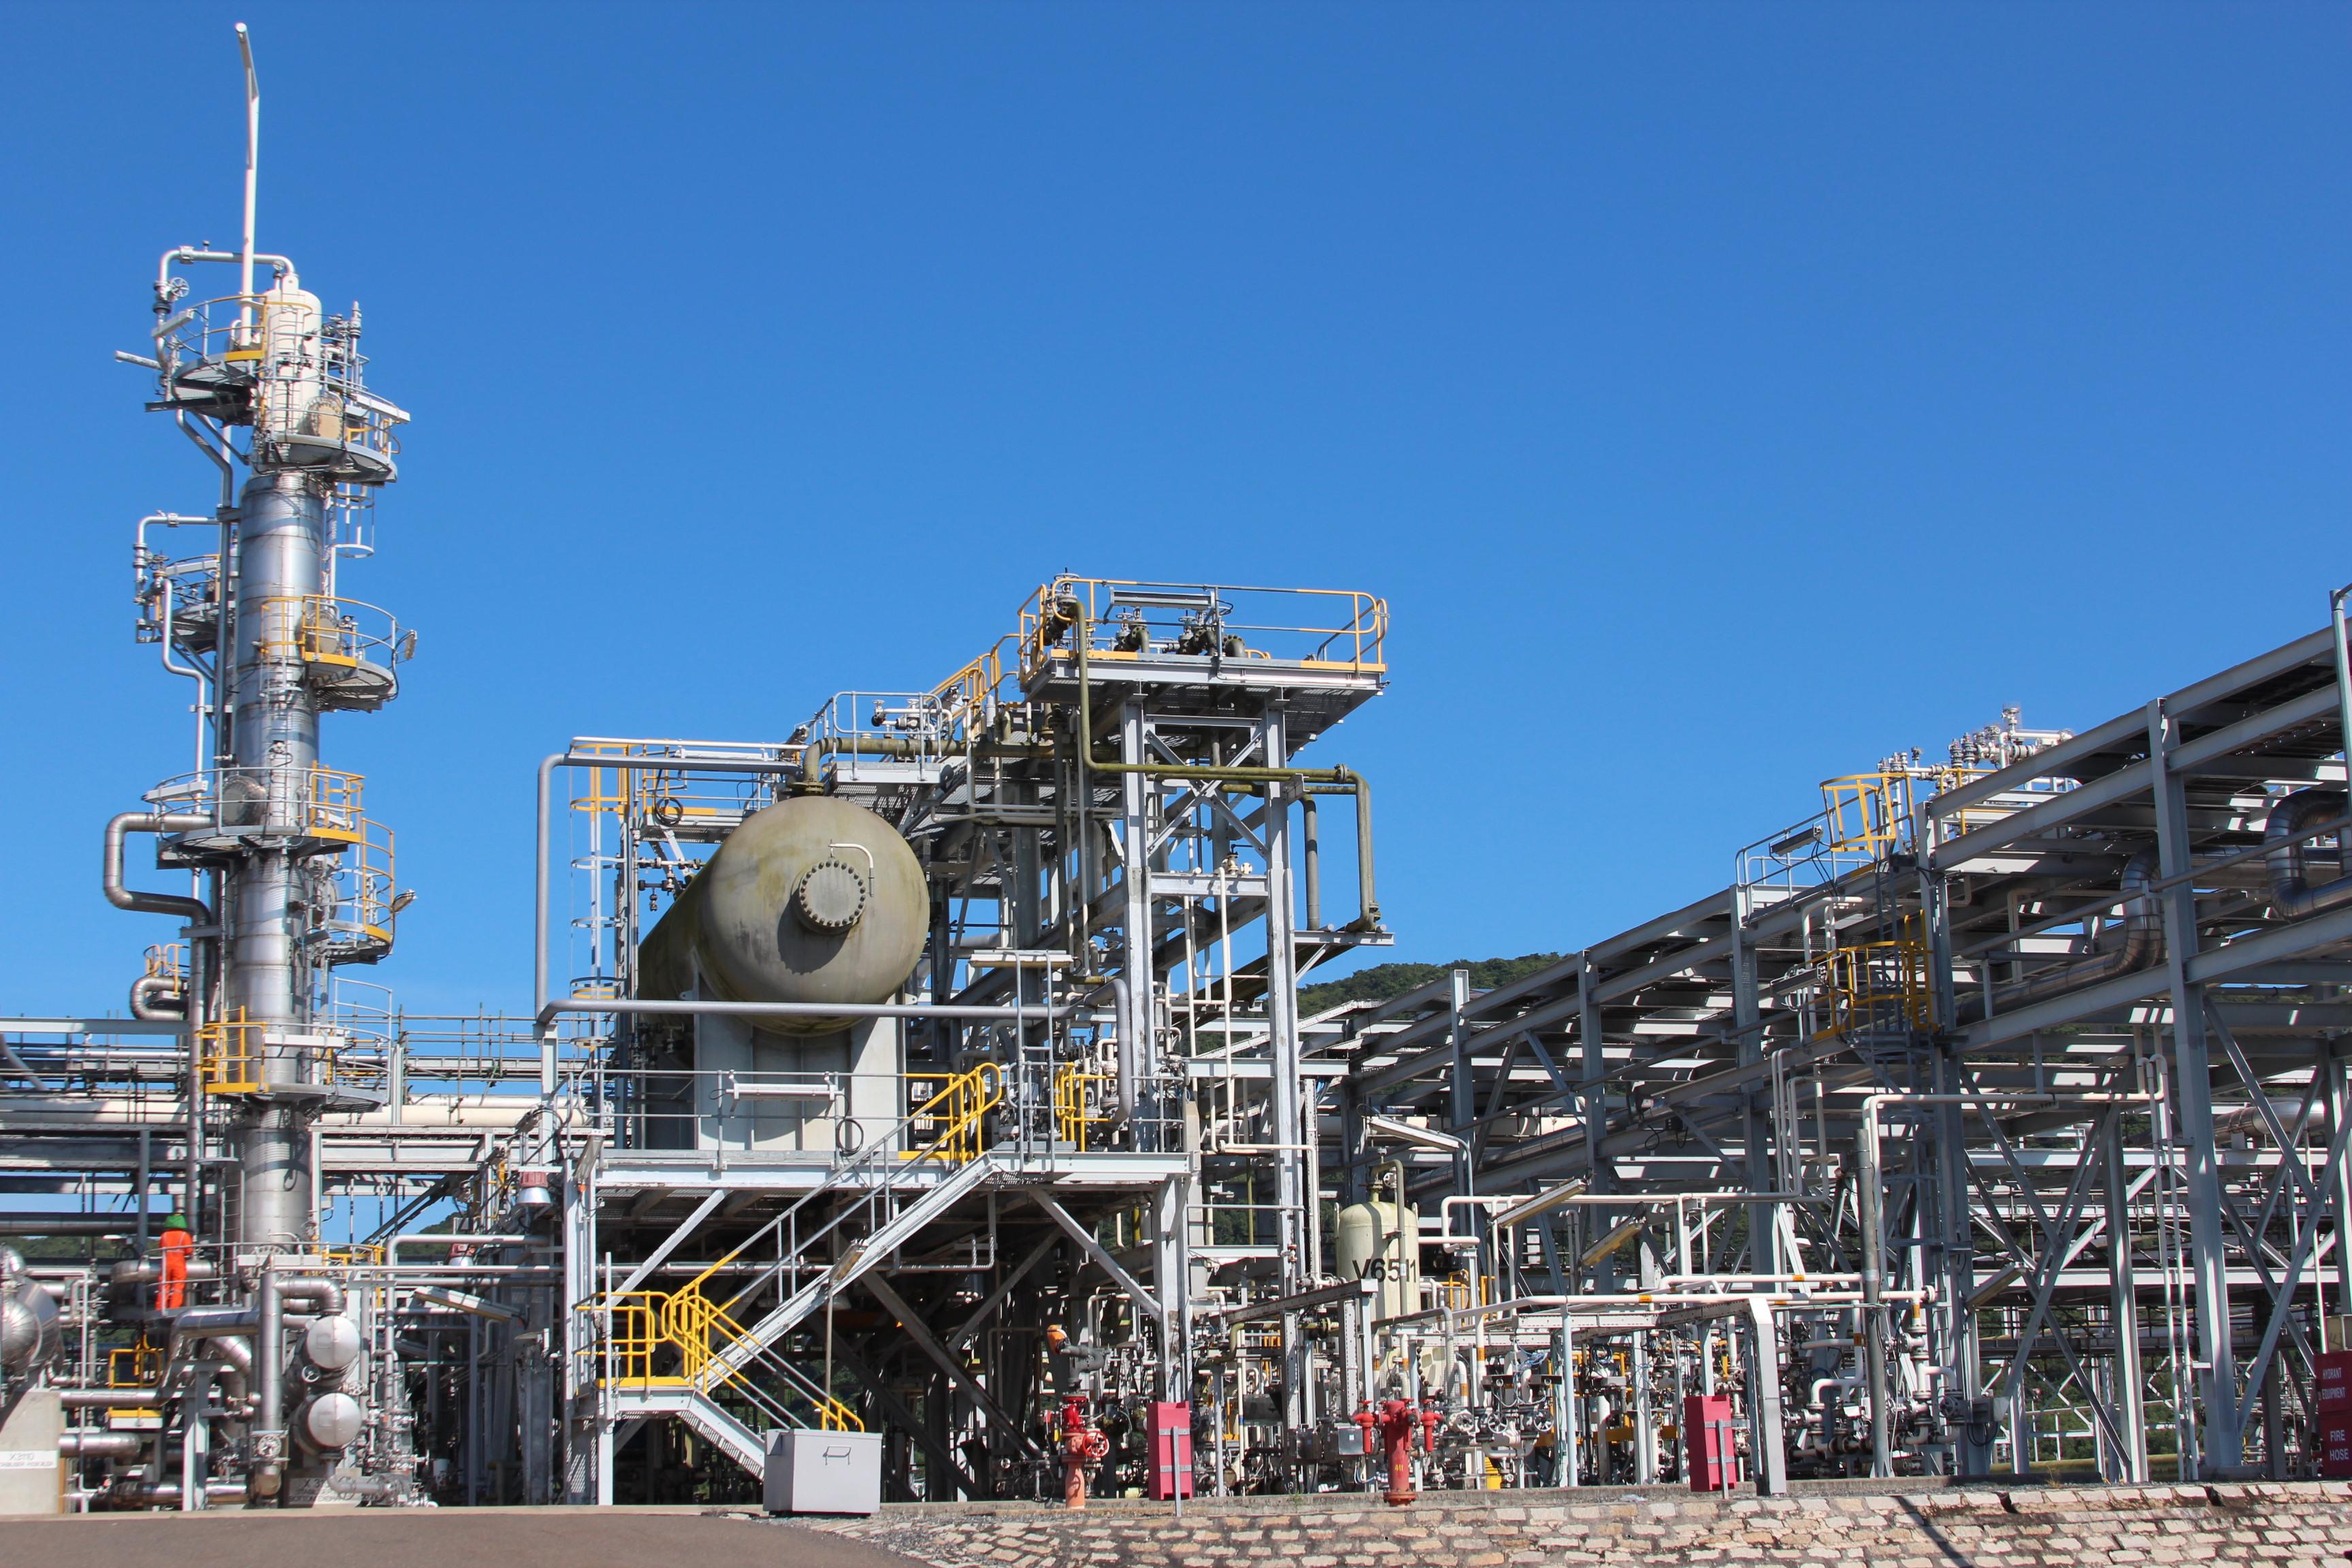 Nhà máy xử lý khí Nam Côn Sơn